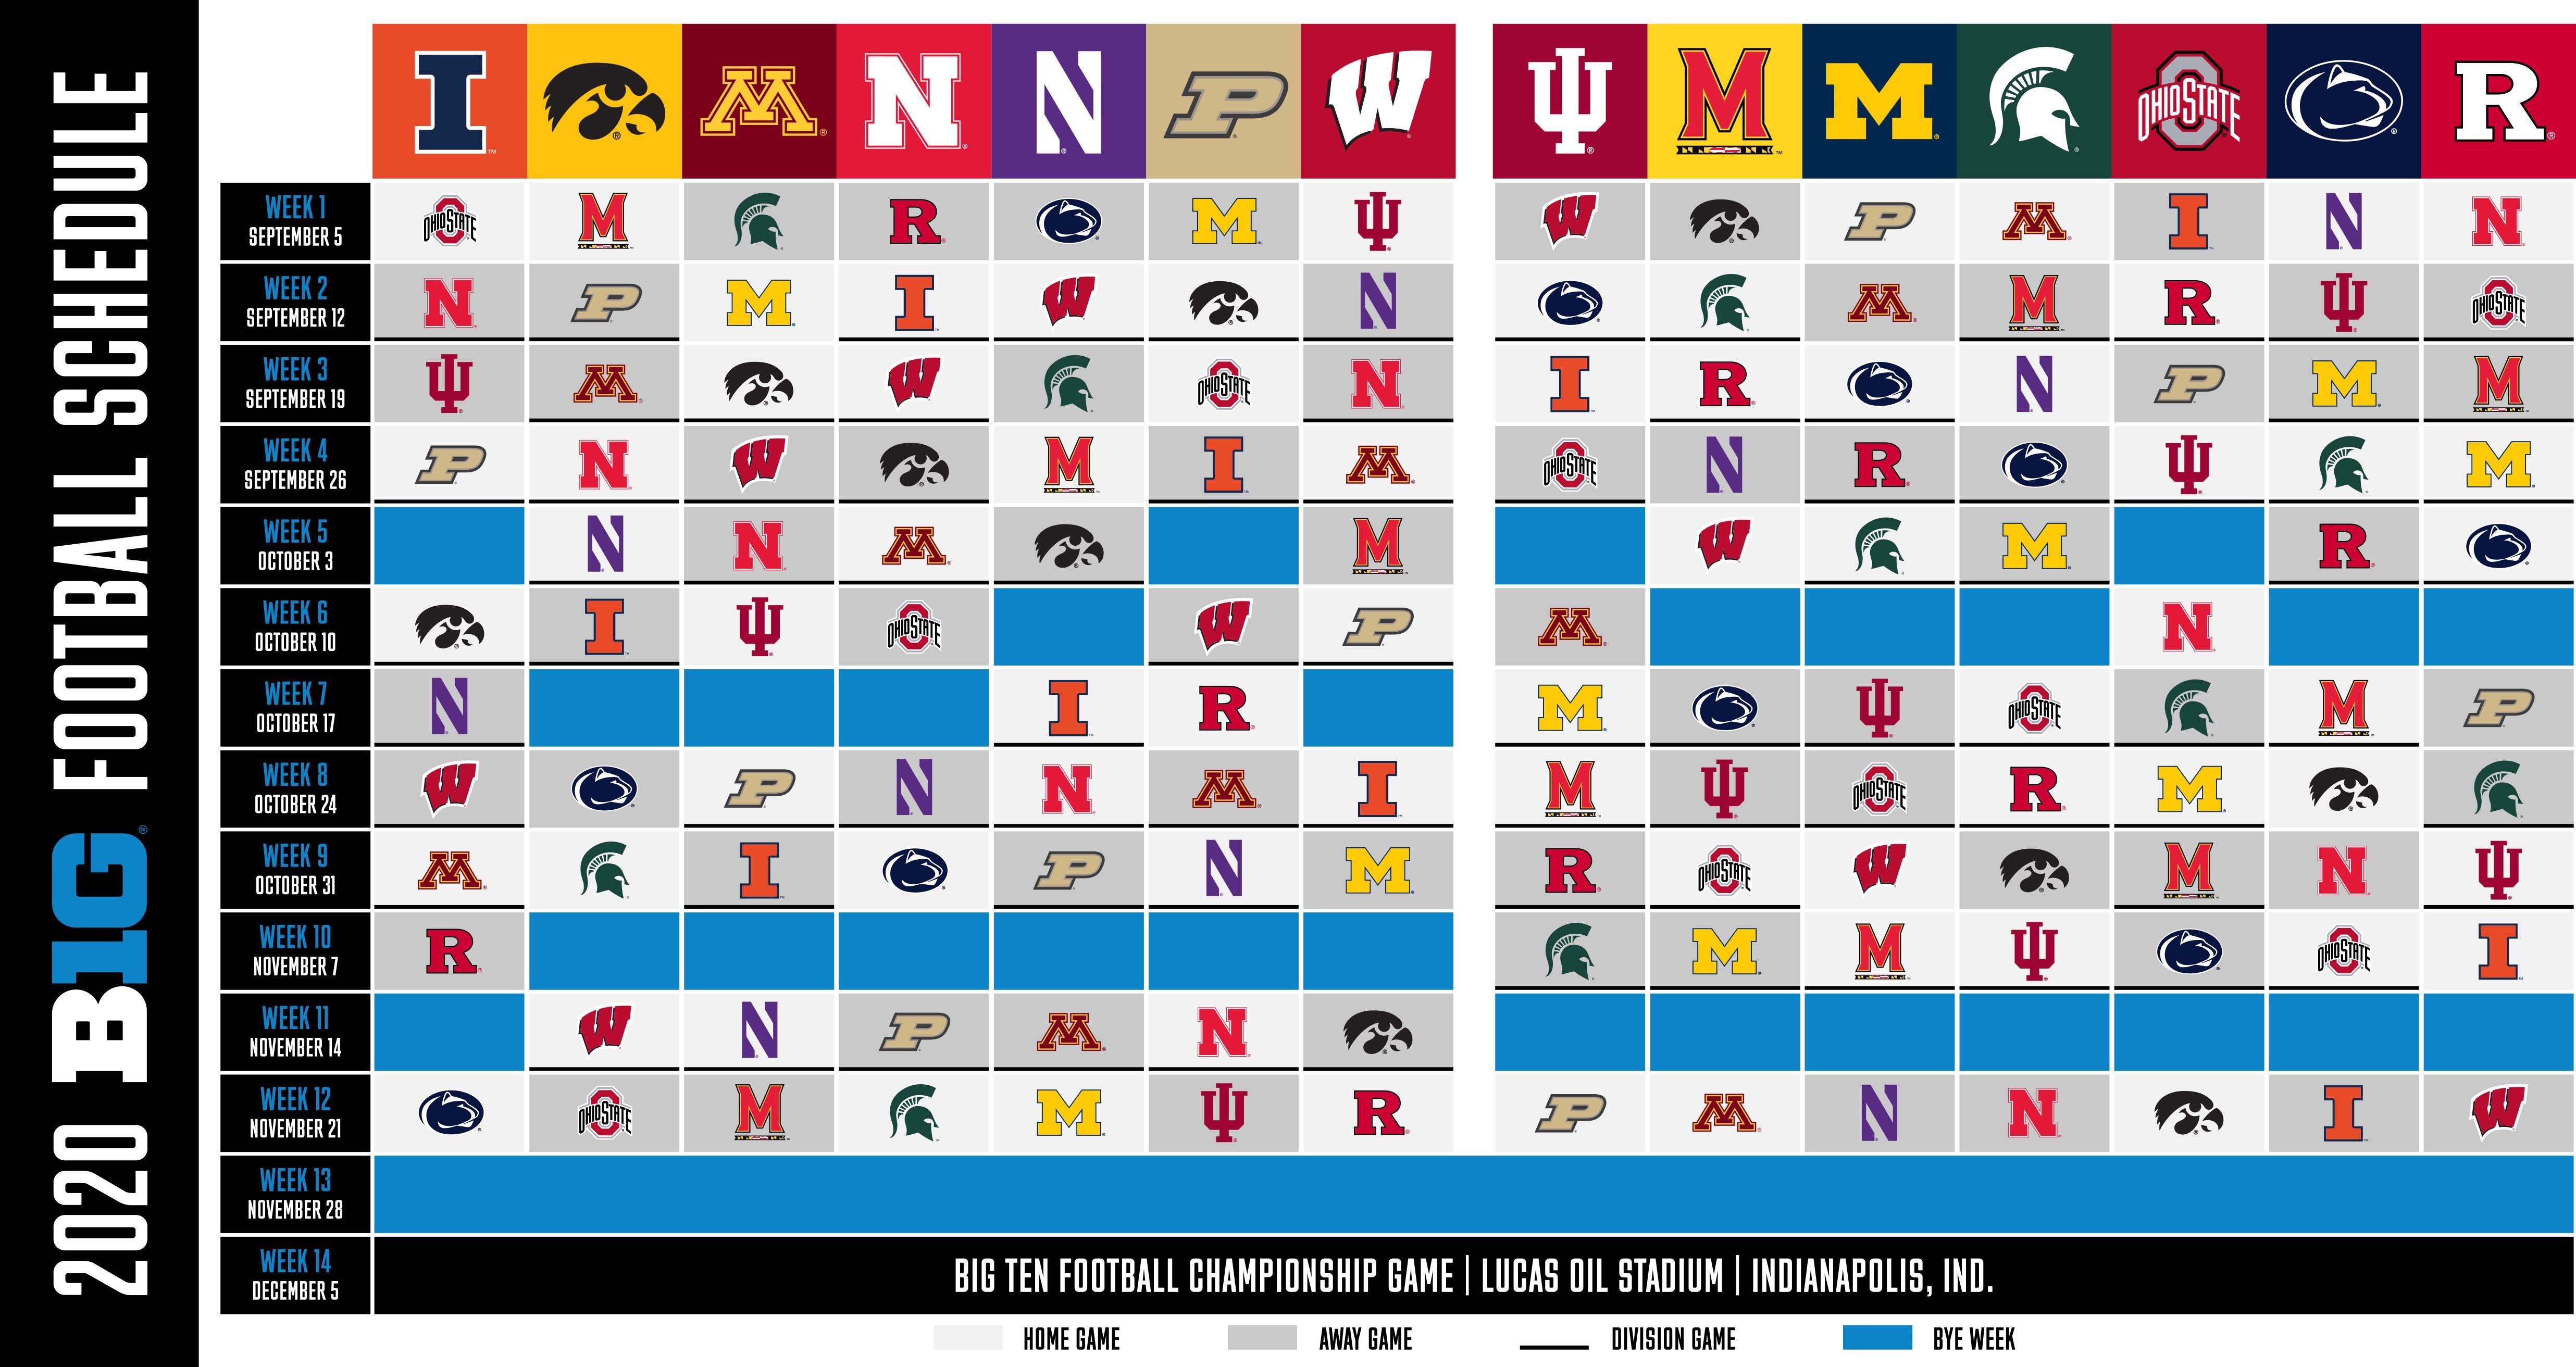 BREAKING: Big Ten Released Their 2020 Football Schedule